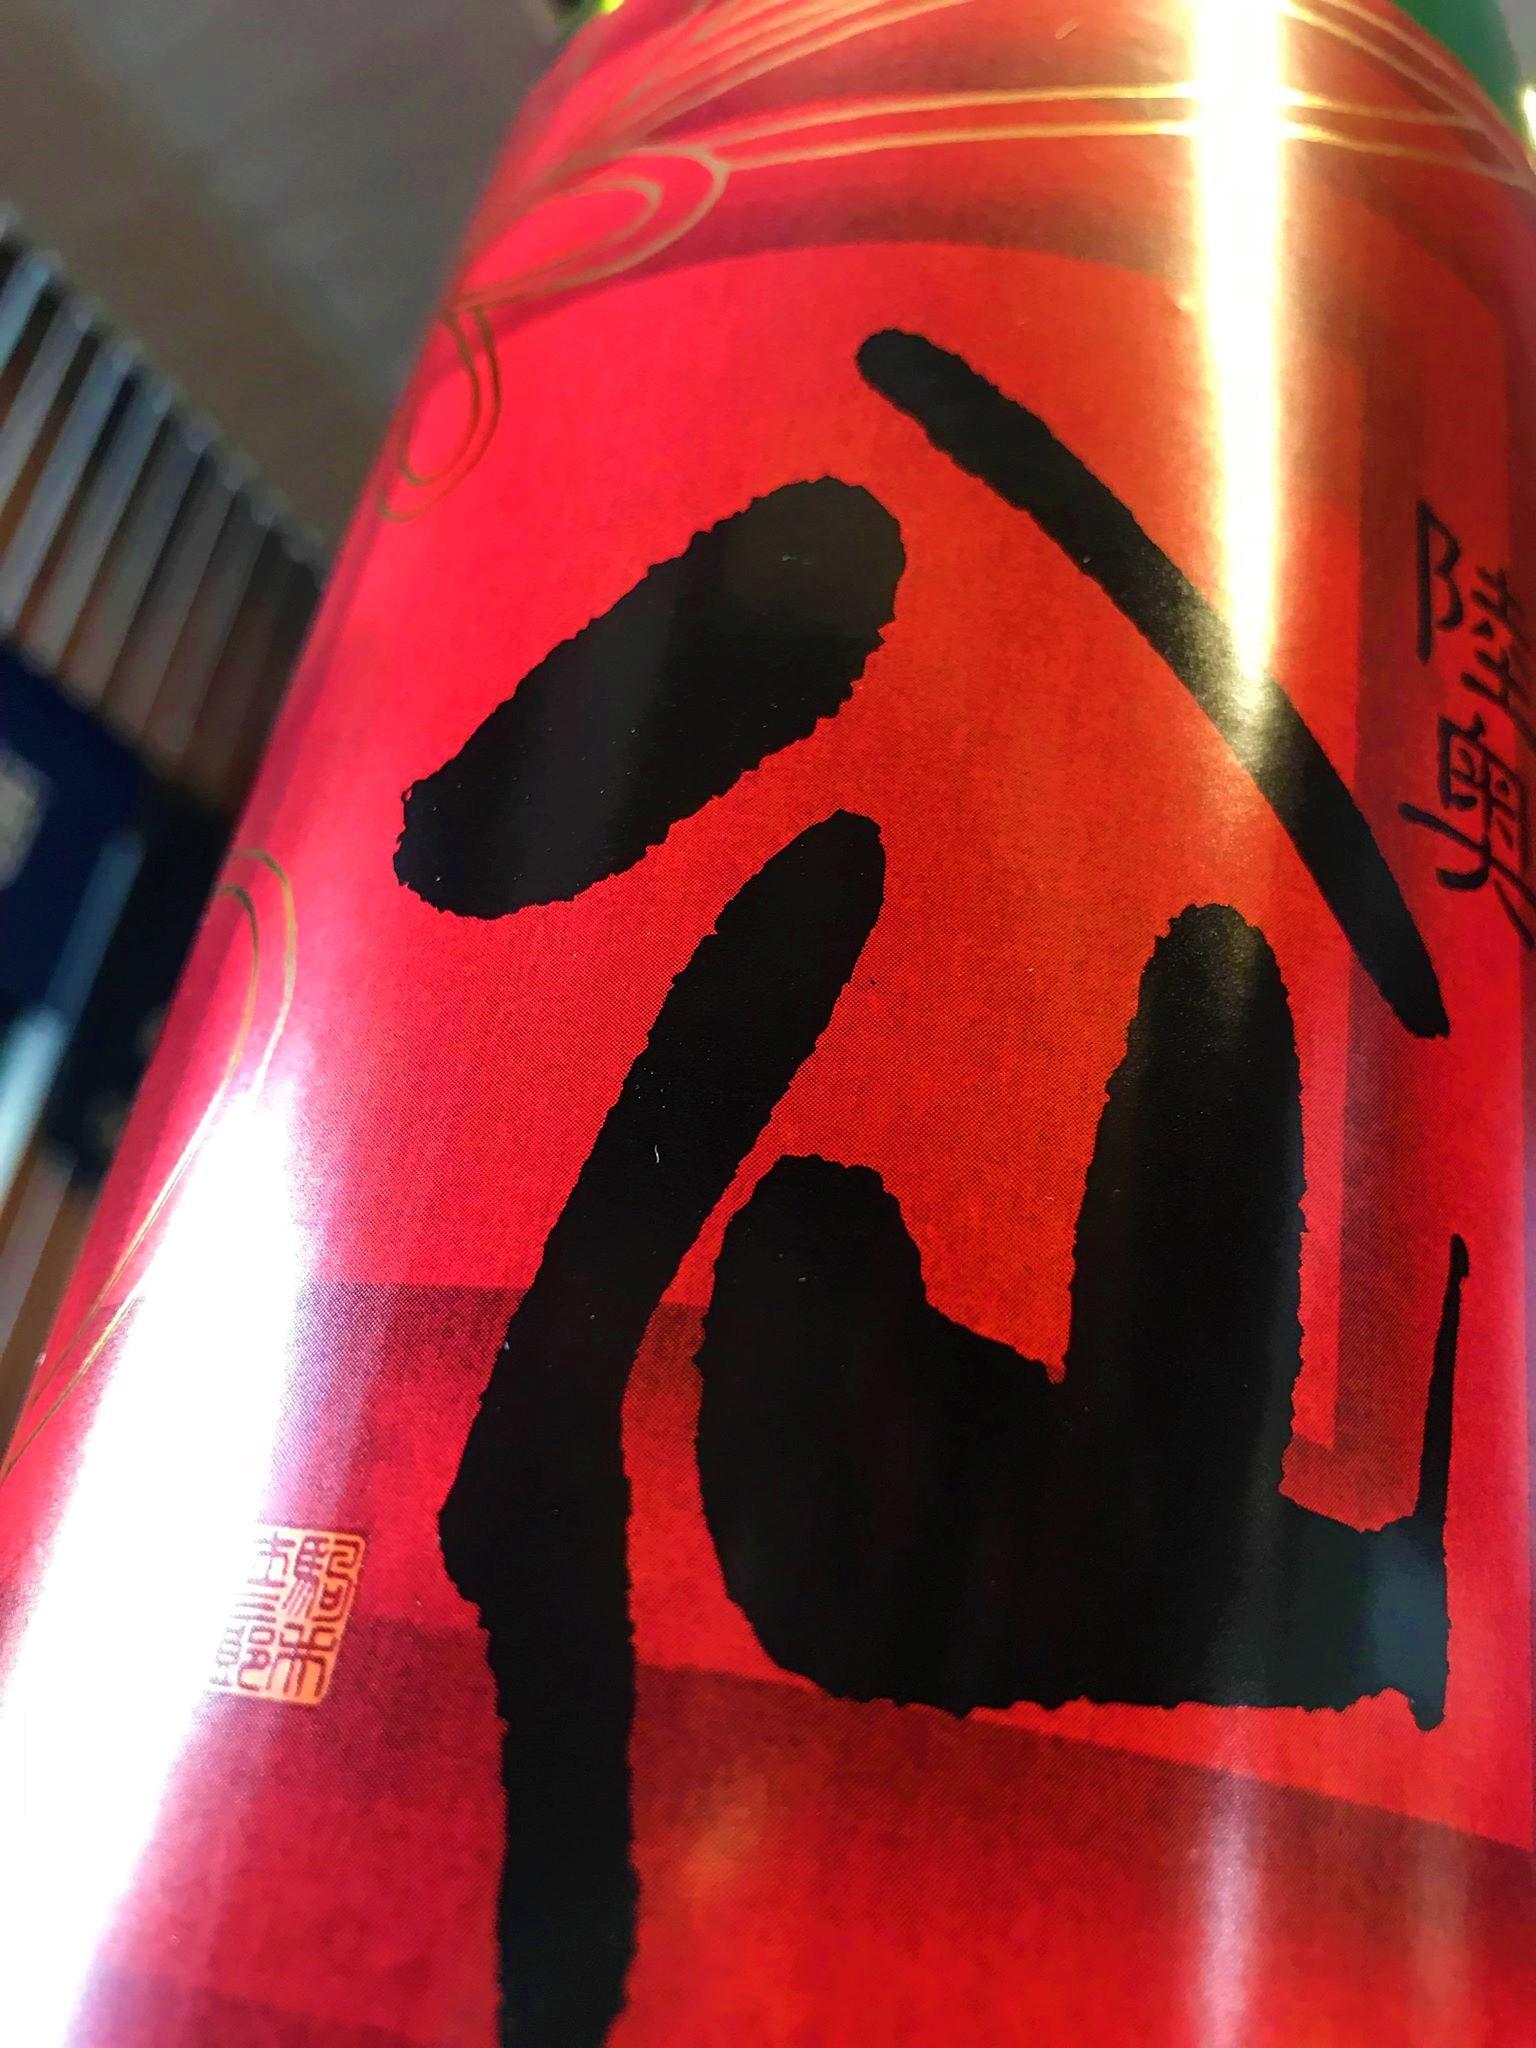 【日本酒】陸奥八仙 新春祝酒 直汲み 純米吟醸 無濾過生原酒 華吹雪55磨き 限定 新酒30BY_e0173738_1254983.jpg